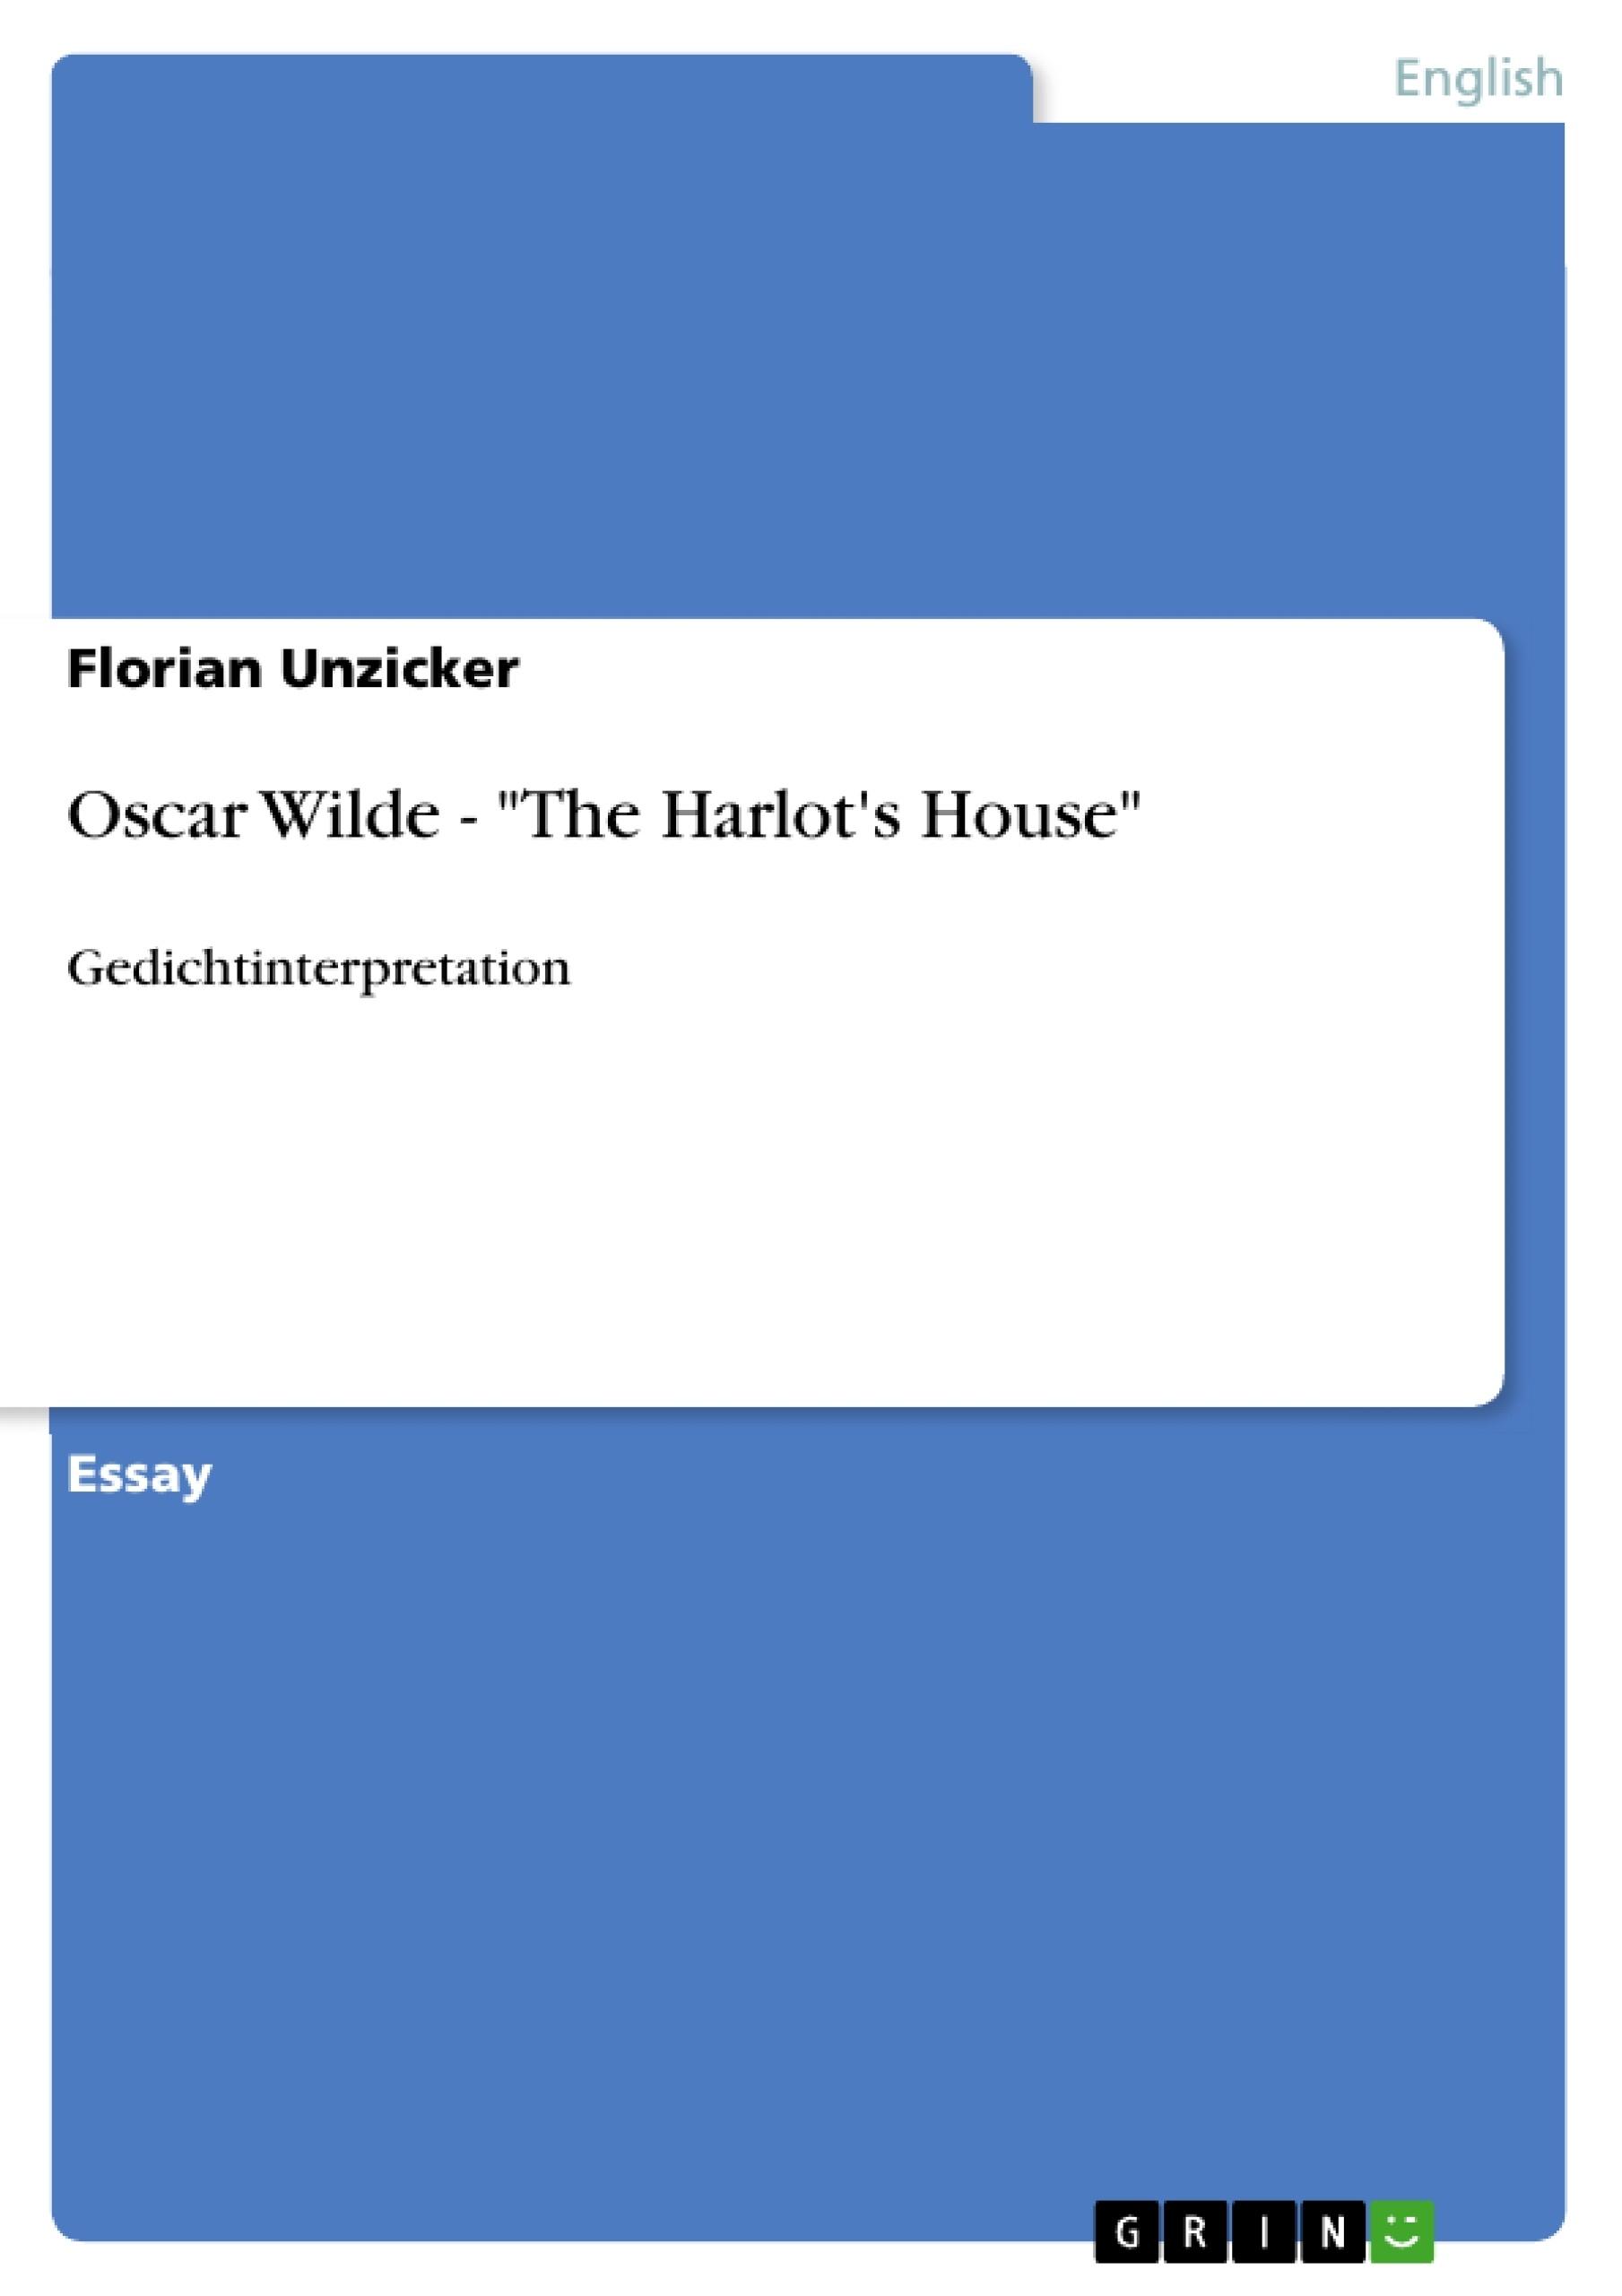 """Title: Oscar Wilde - """"The Harlot's House"""""""